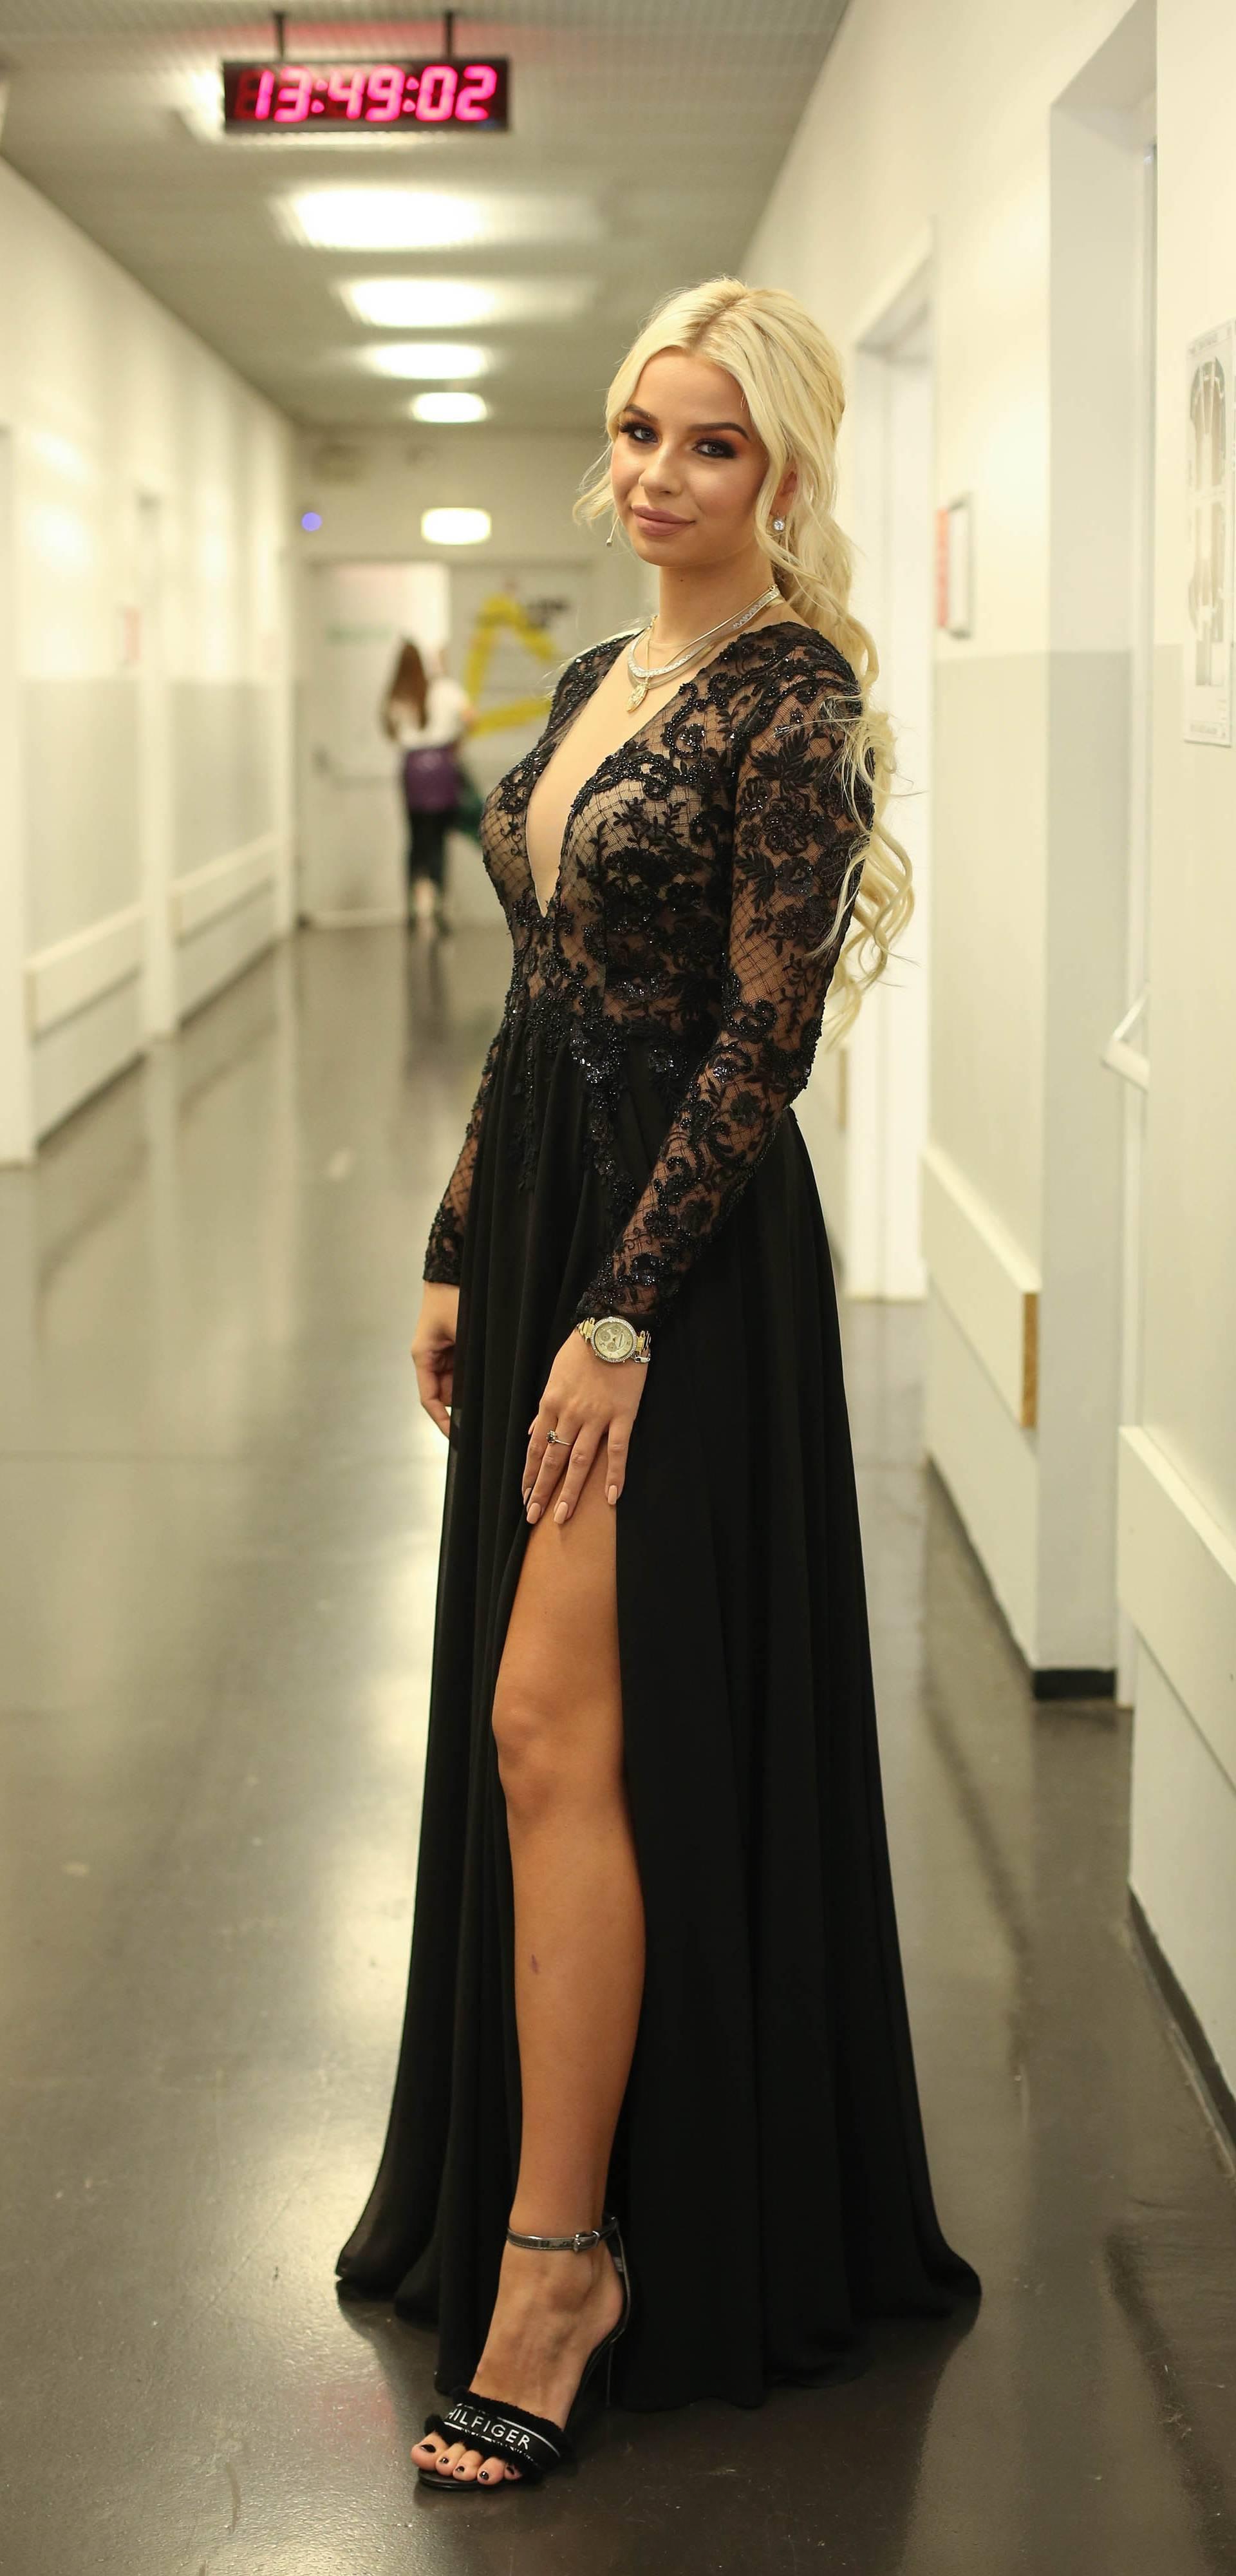 Samo 'naj': Youtuberica (18) nosi haljinu vrijednu 10.000 kn